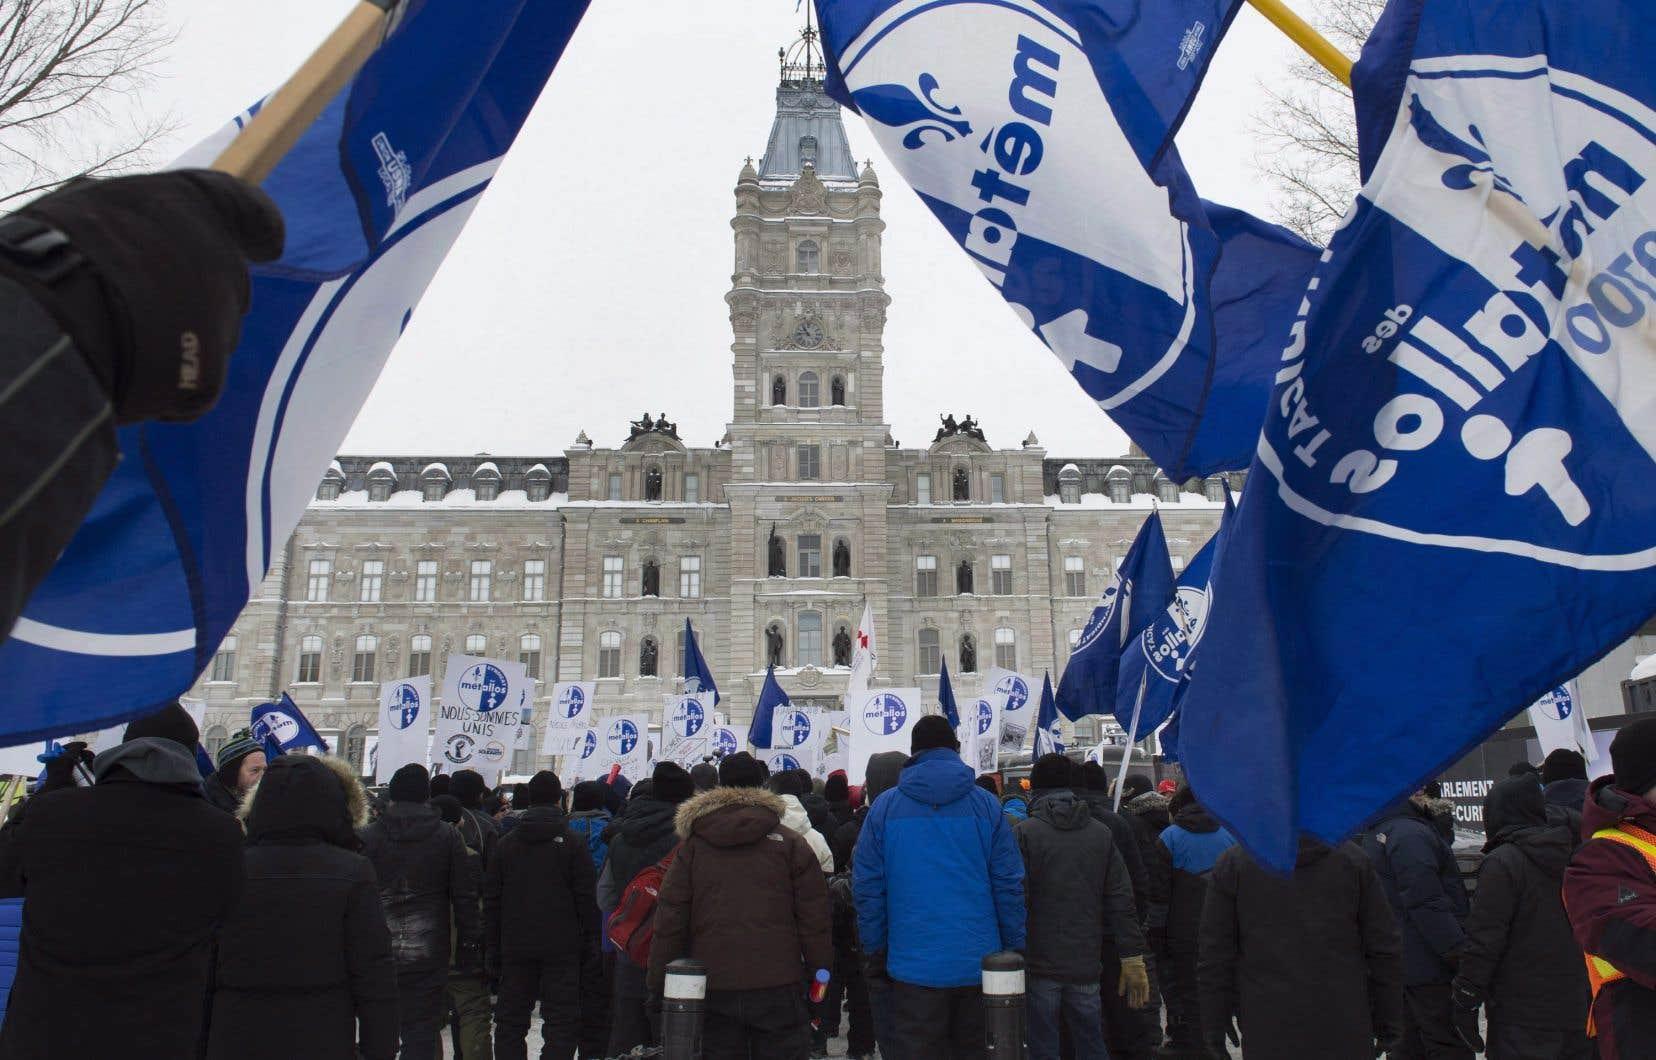 Les 1030 travailleurs d'ABI ont été mis en lock-out par la direction de l'entreprise le 11 janvier dernier.